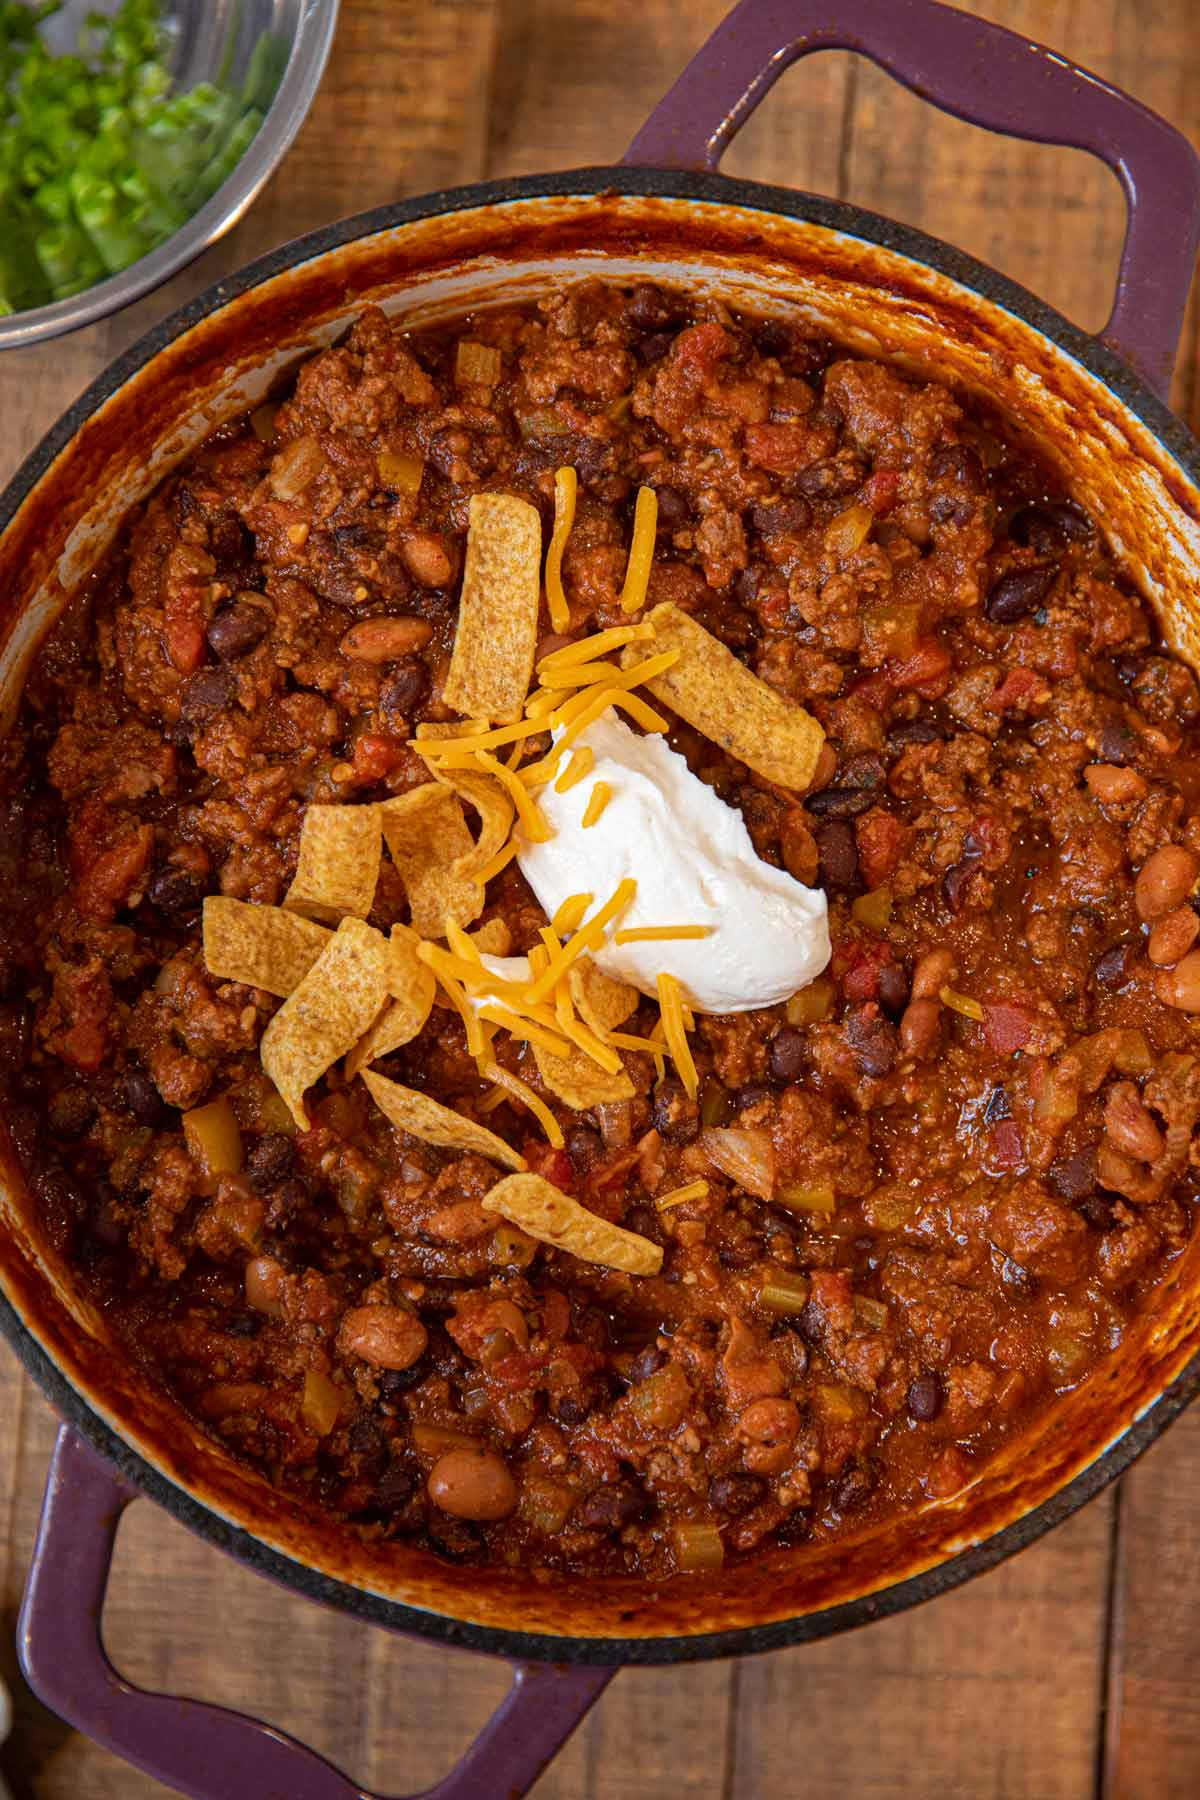 Taco Chili in purple pot